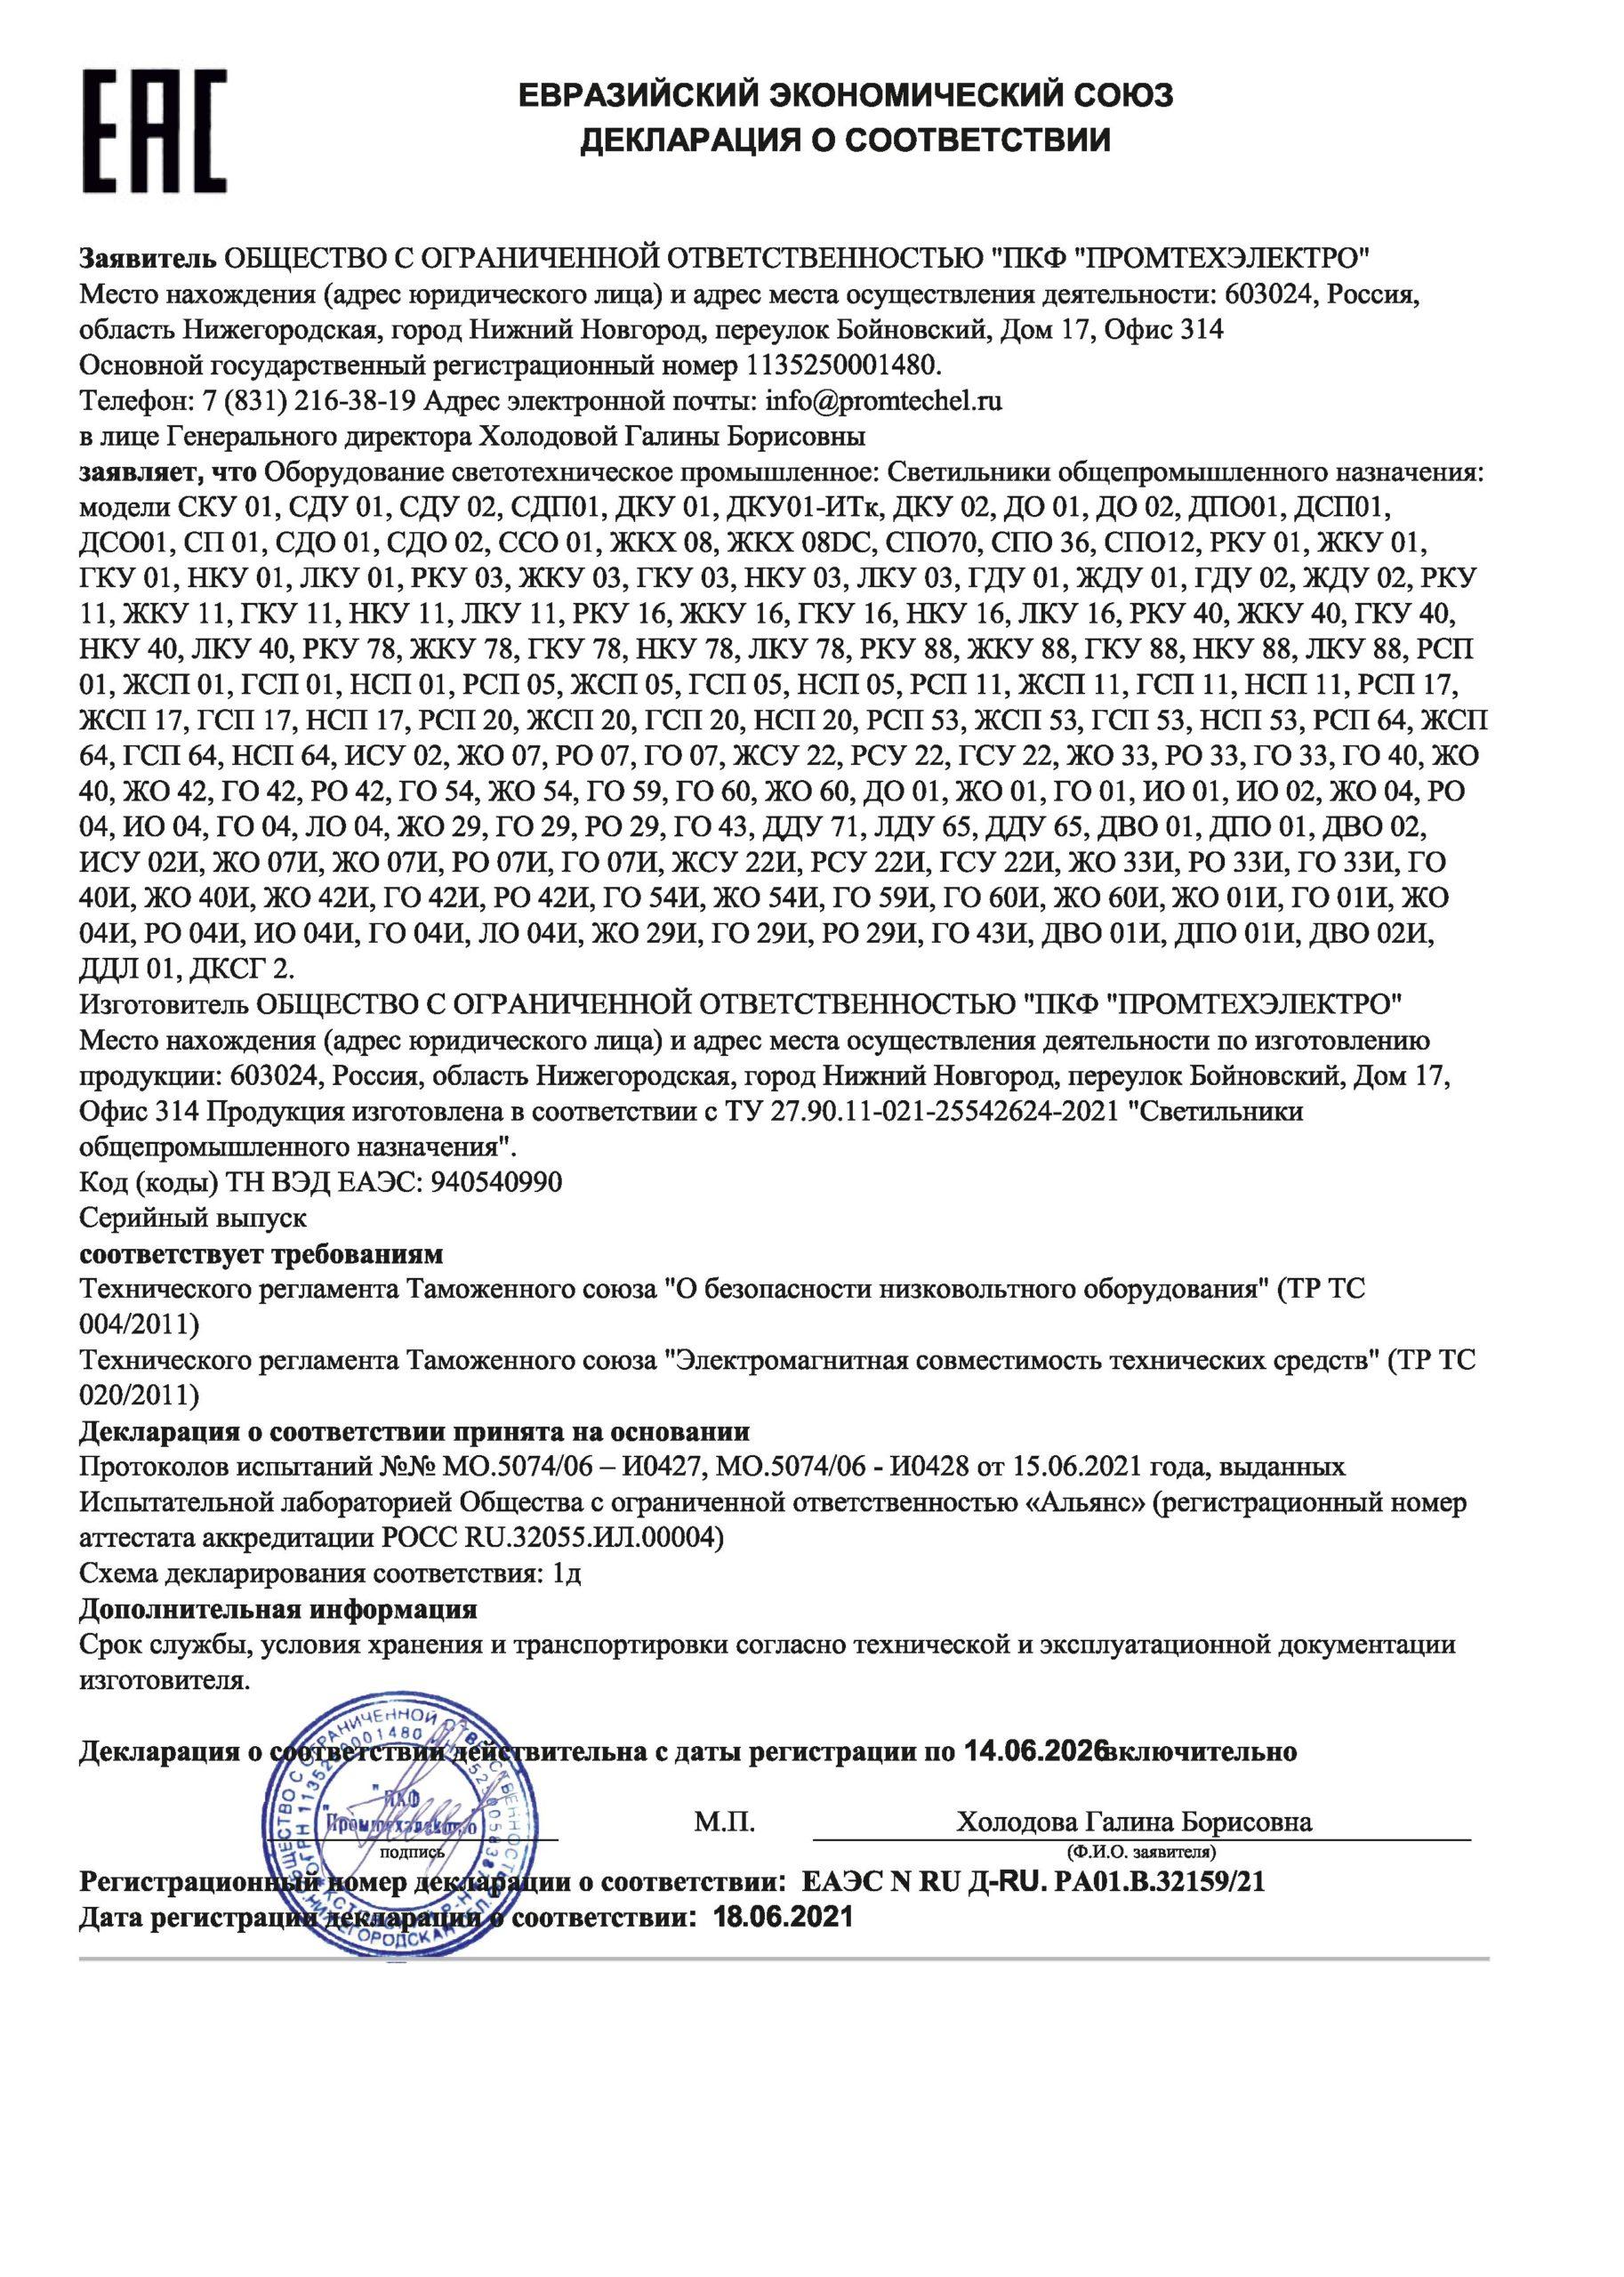 Декларация о соответствии ТР ТС 004/2011 и 020/2011. Светильники общепромышленного назначения.